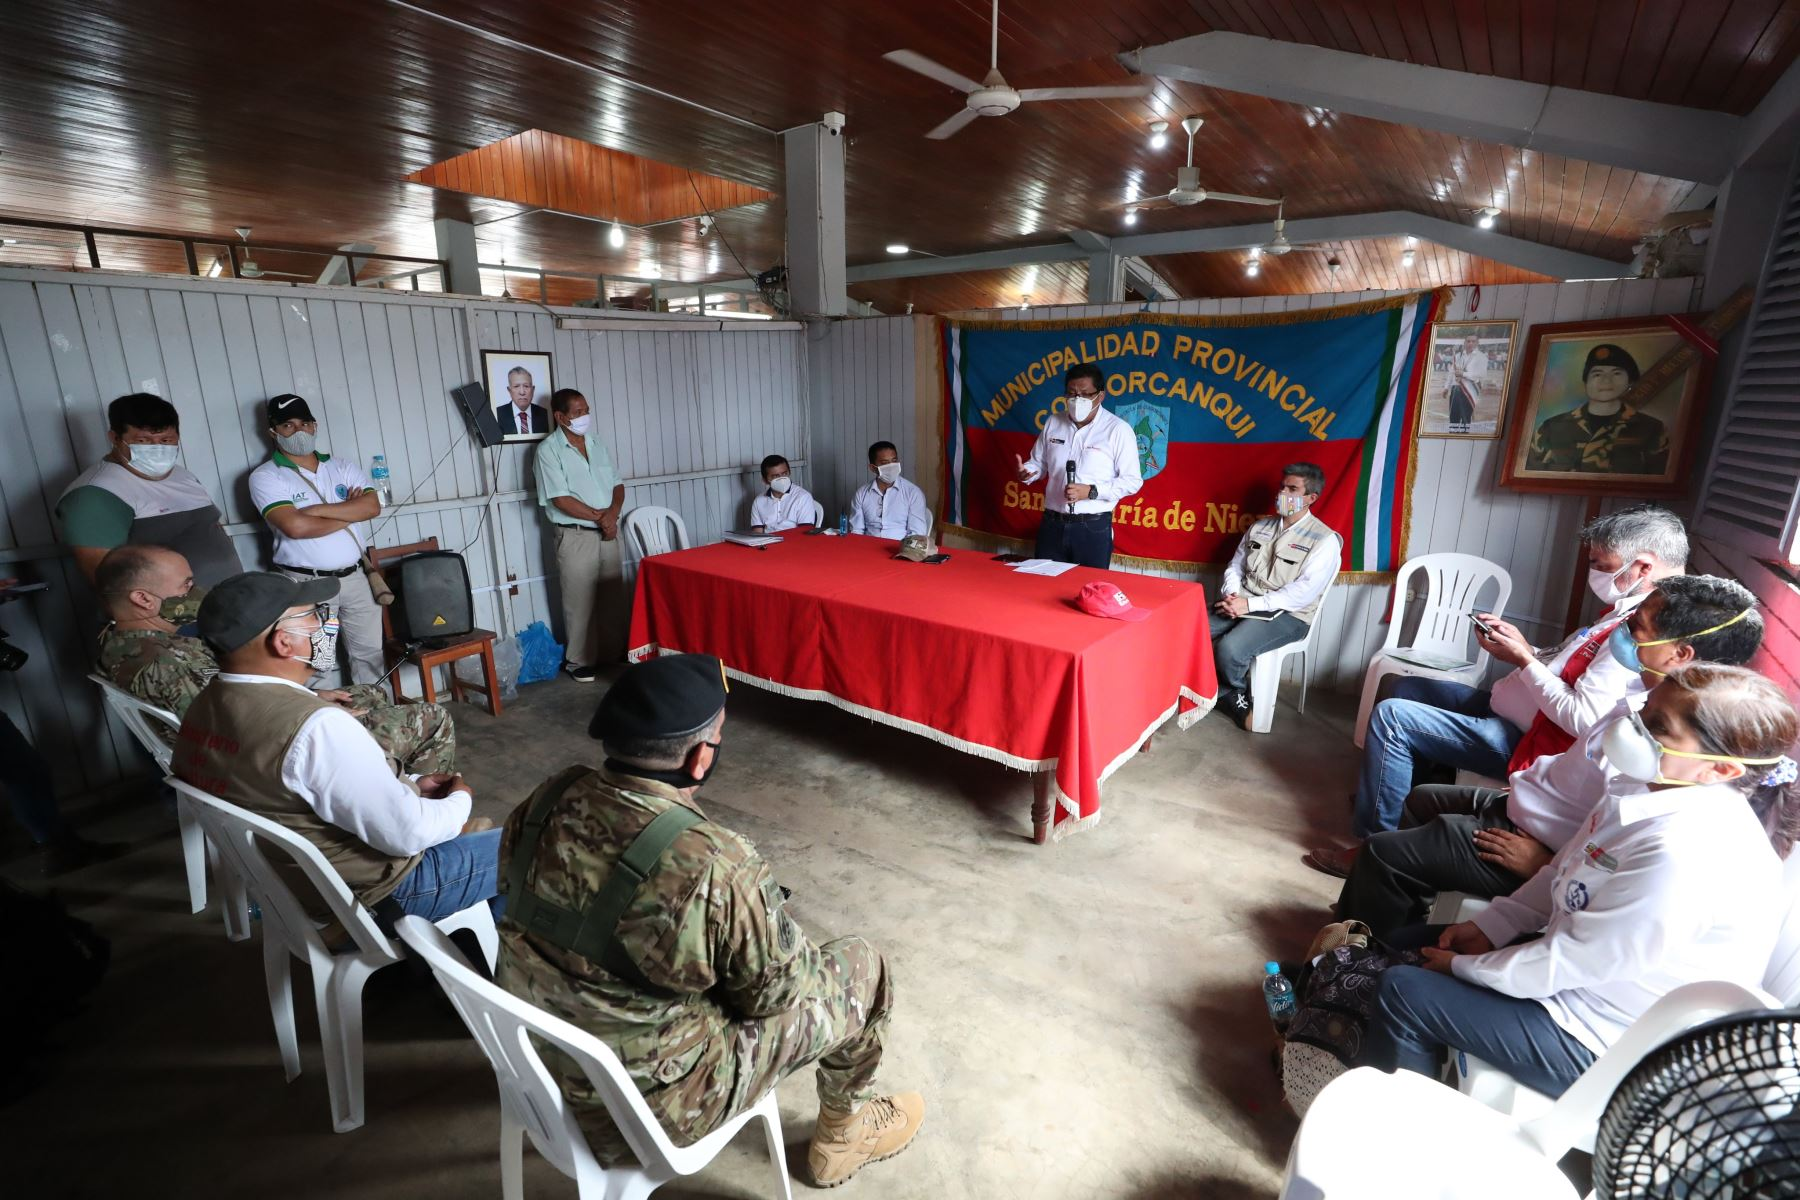 El titular de la PCM, Vicente Zeballos, sostuvo una reunión de trabajo con las autoridades de la provincia de Condorcanqui, en Amazonas. Participaron el alcalde provincial, Hector Requejo; el director de la Red de Salud, Jaime Zuñiga y el gerente subregional, Hermogenes Lozano. Foto: ANDINA/PCM